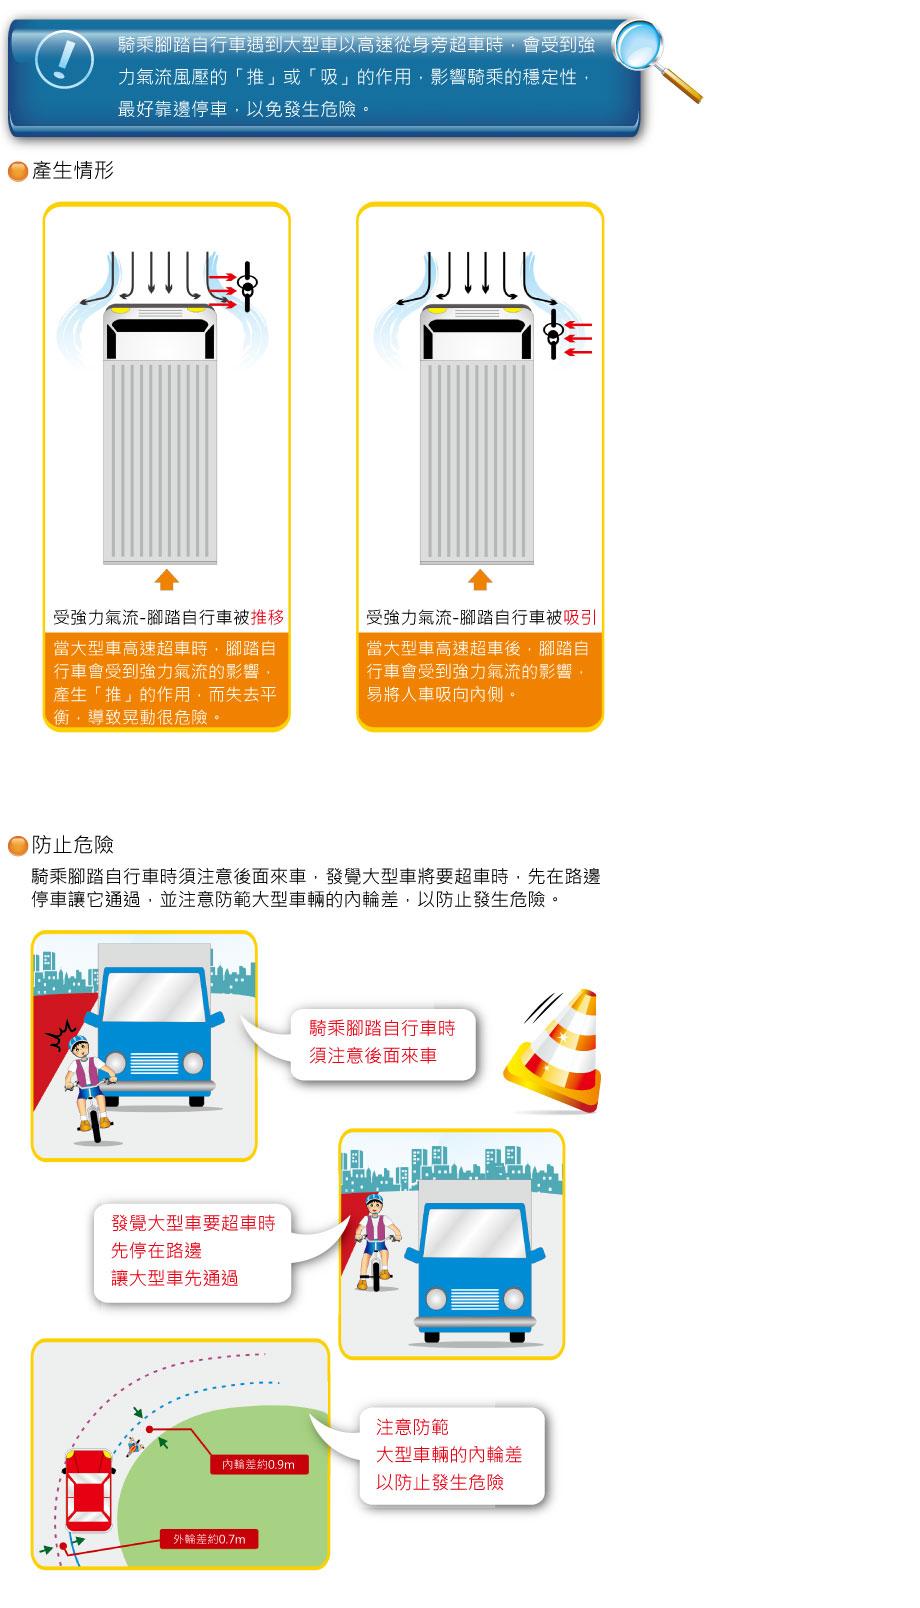 大型車高速超車時的騎乘方法說明圖片